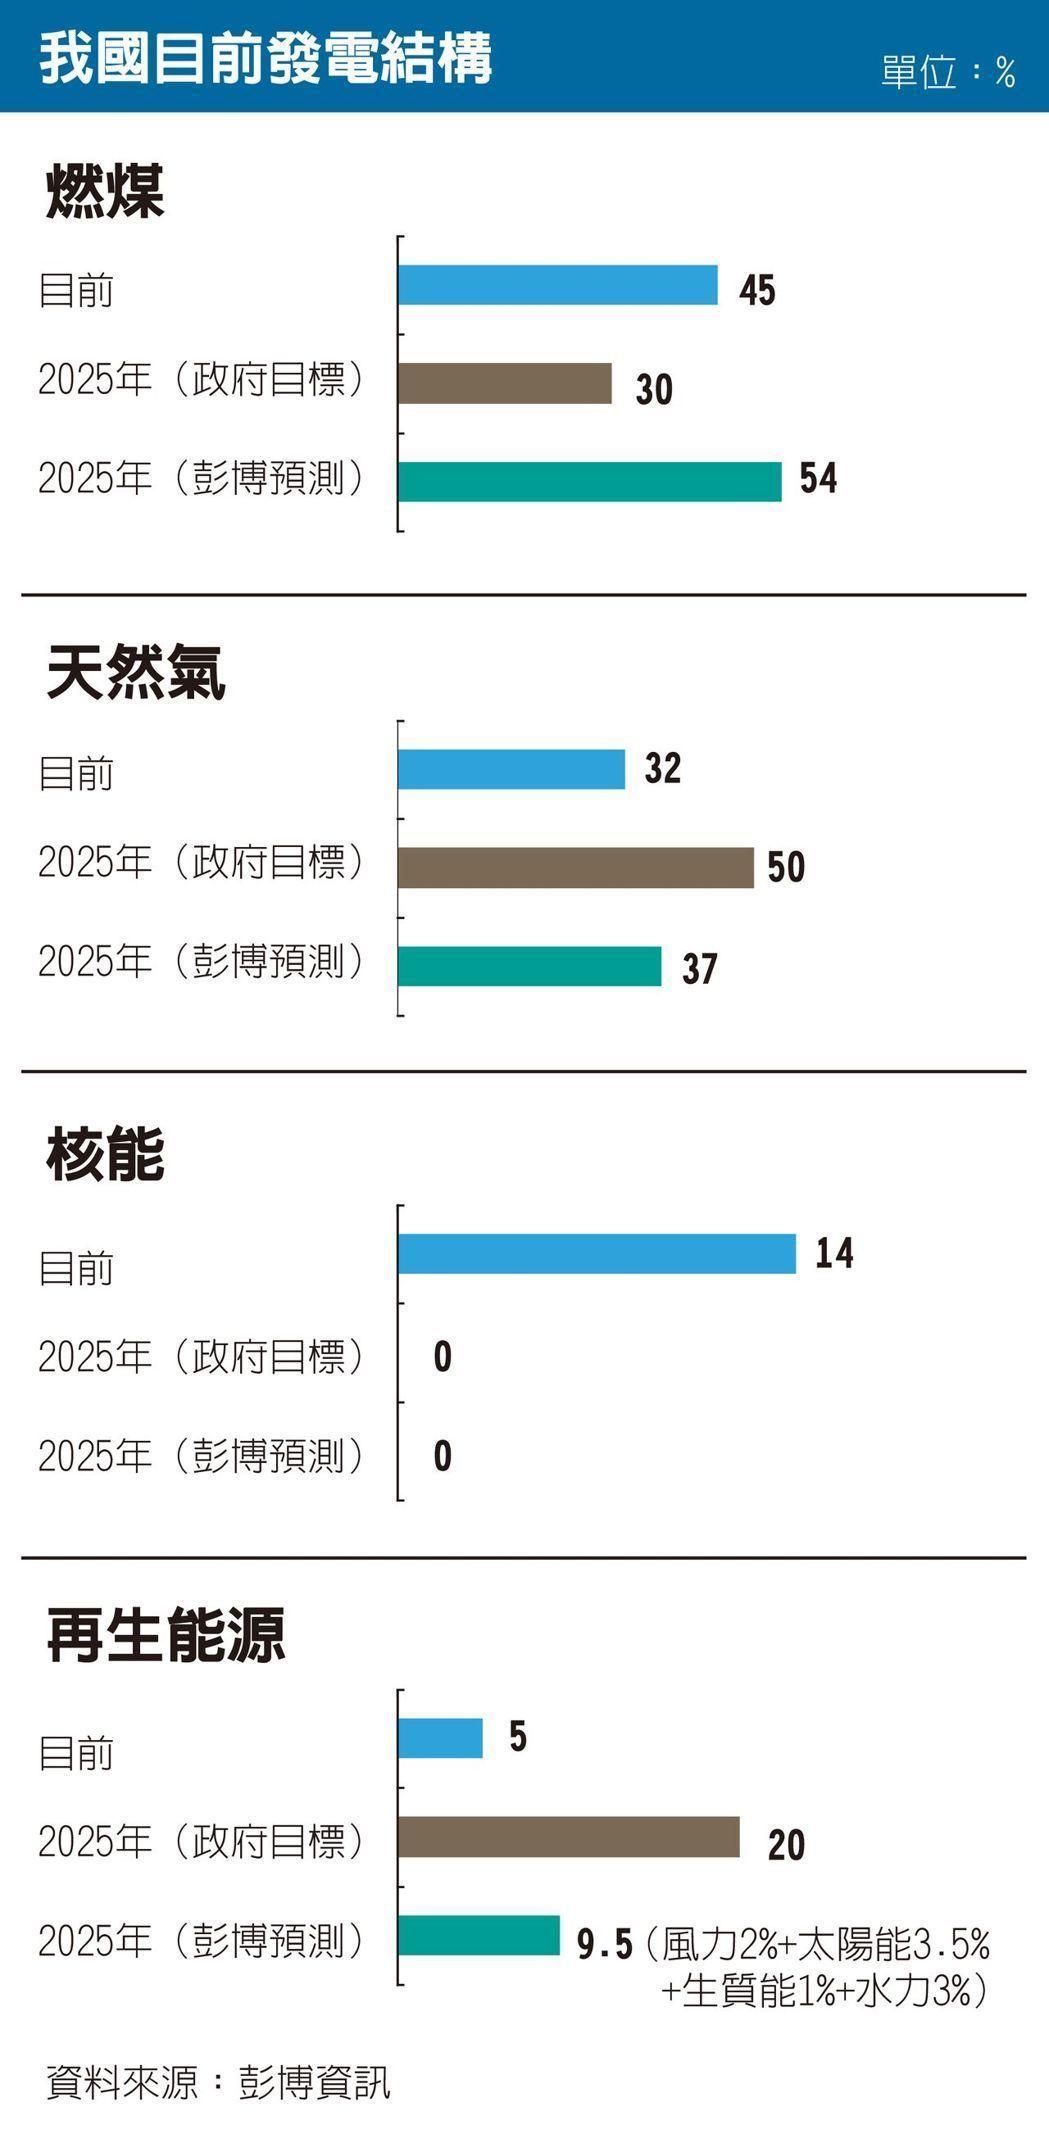 台灣太陽能光電想要提前五年達標,成效有待觀察。